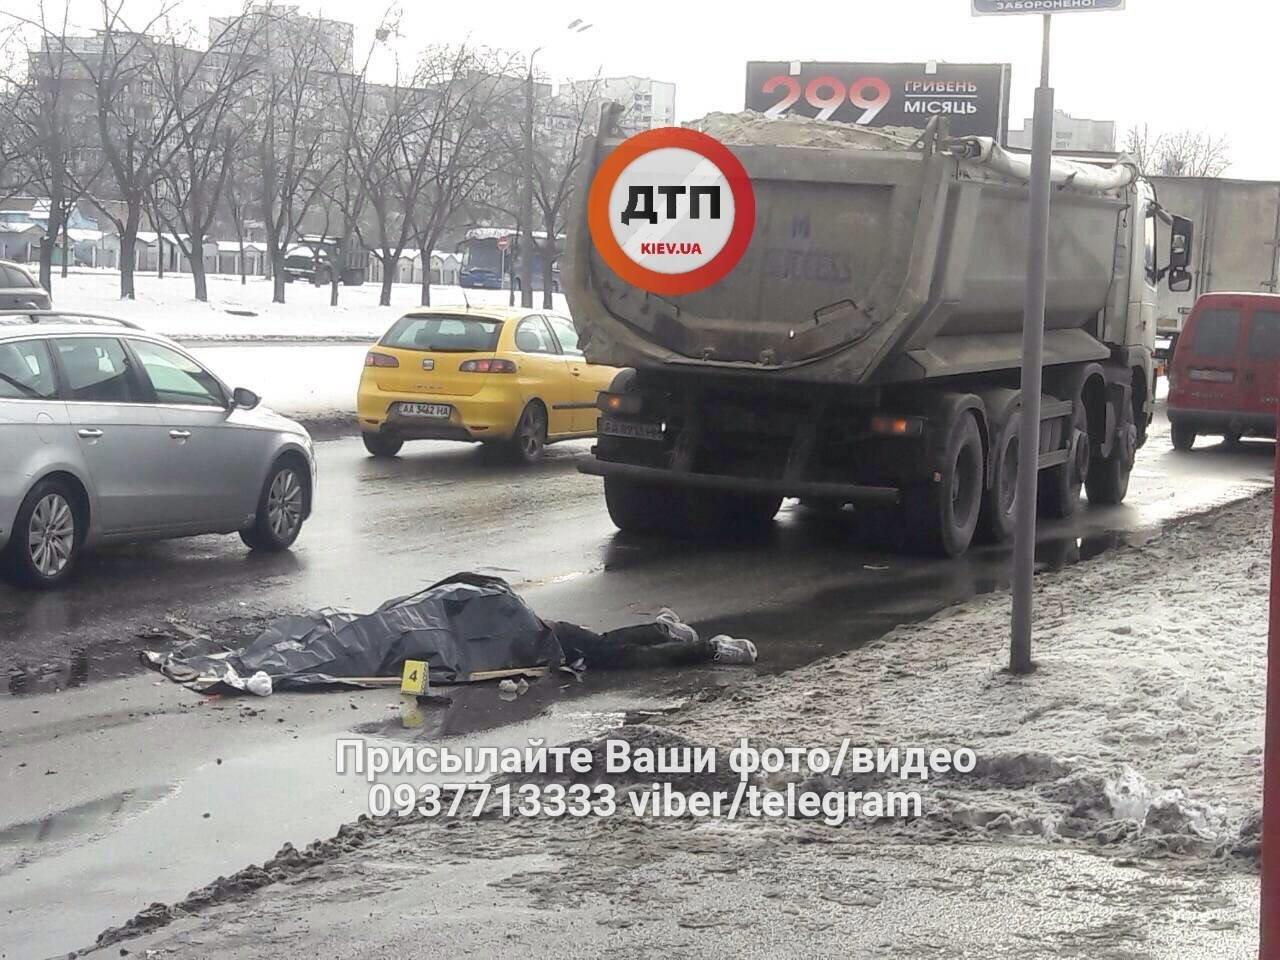 В Киеве водитель грузовика насмерть сбил пешехода (ФОТО), фото-3